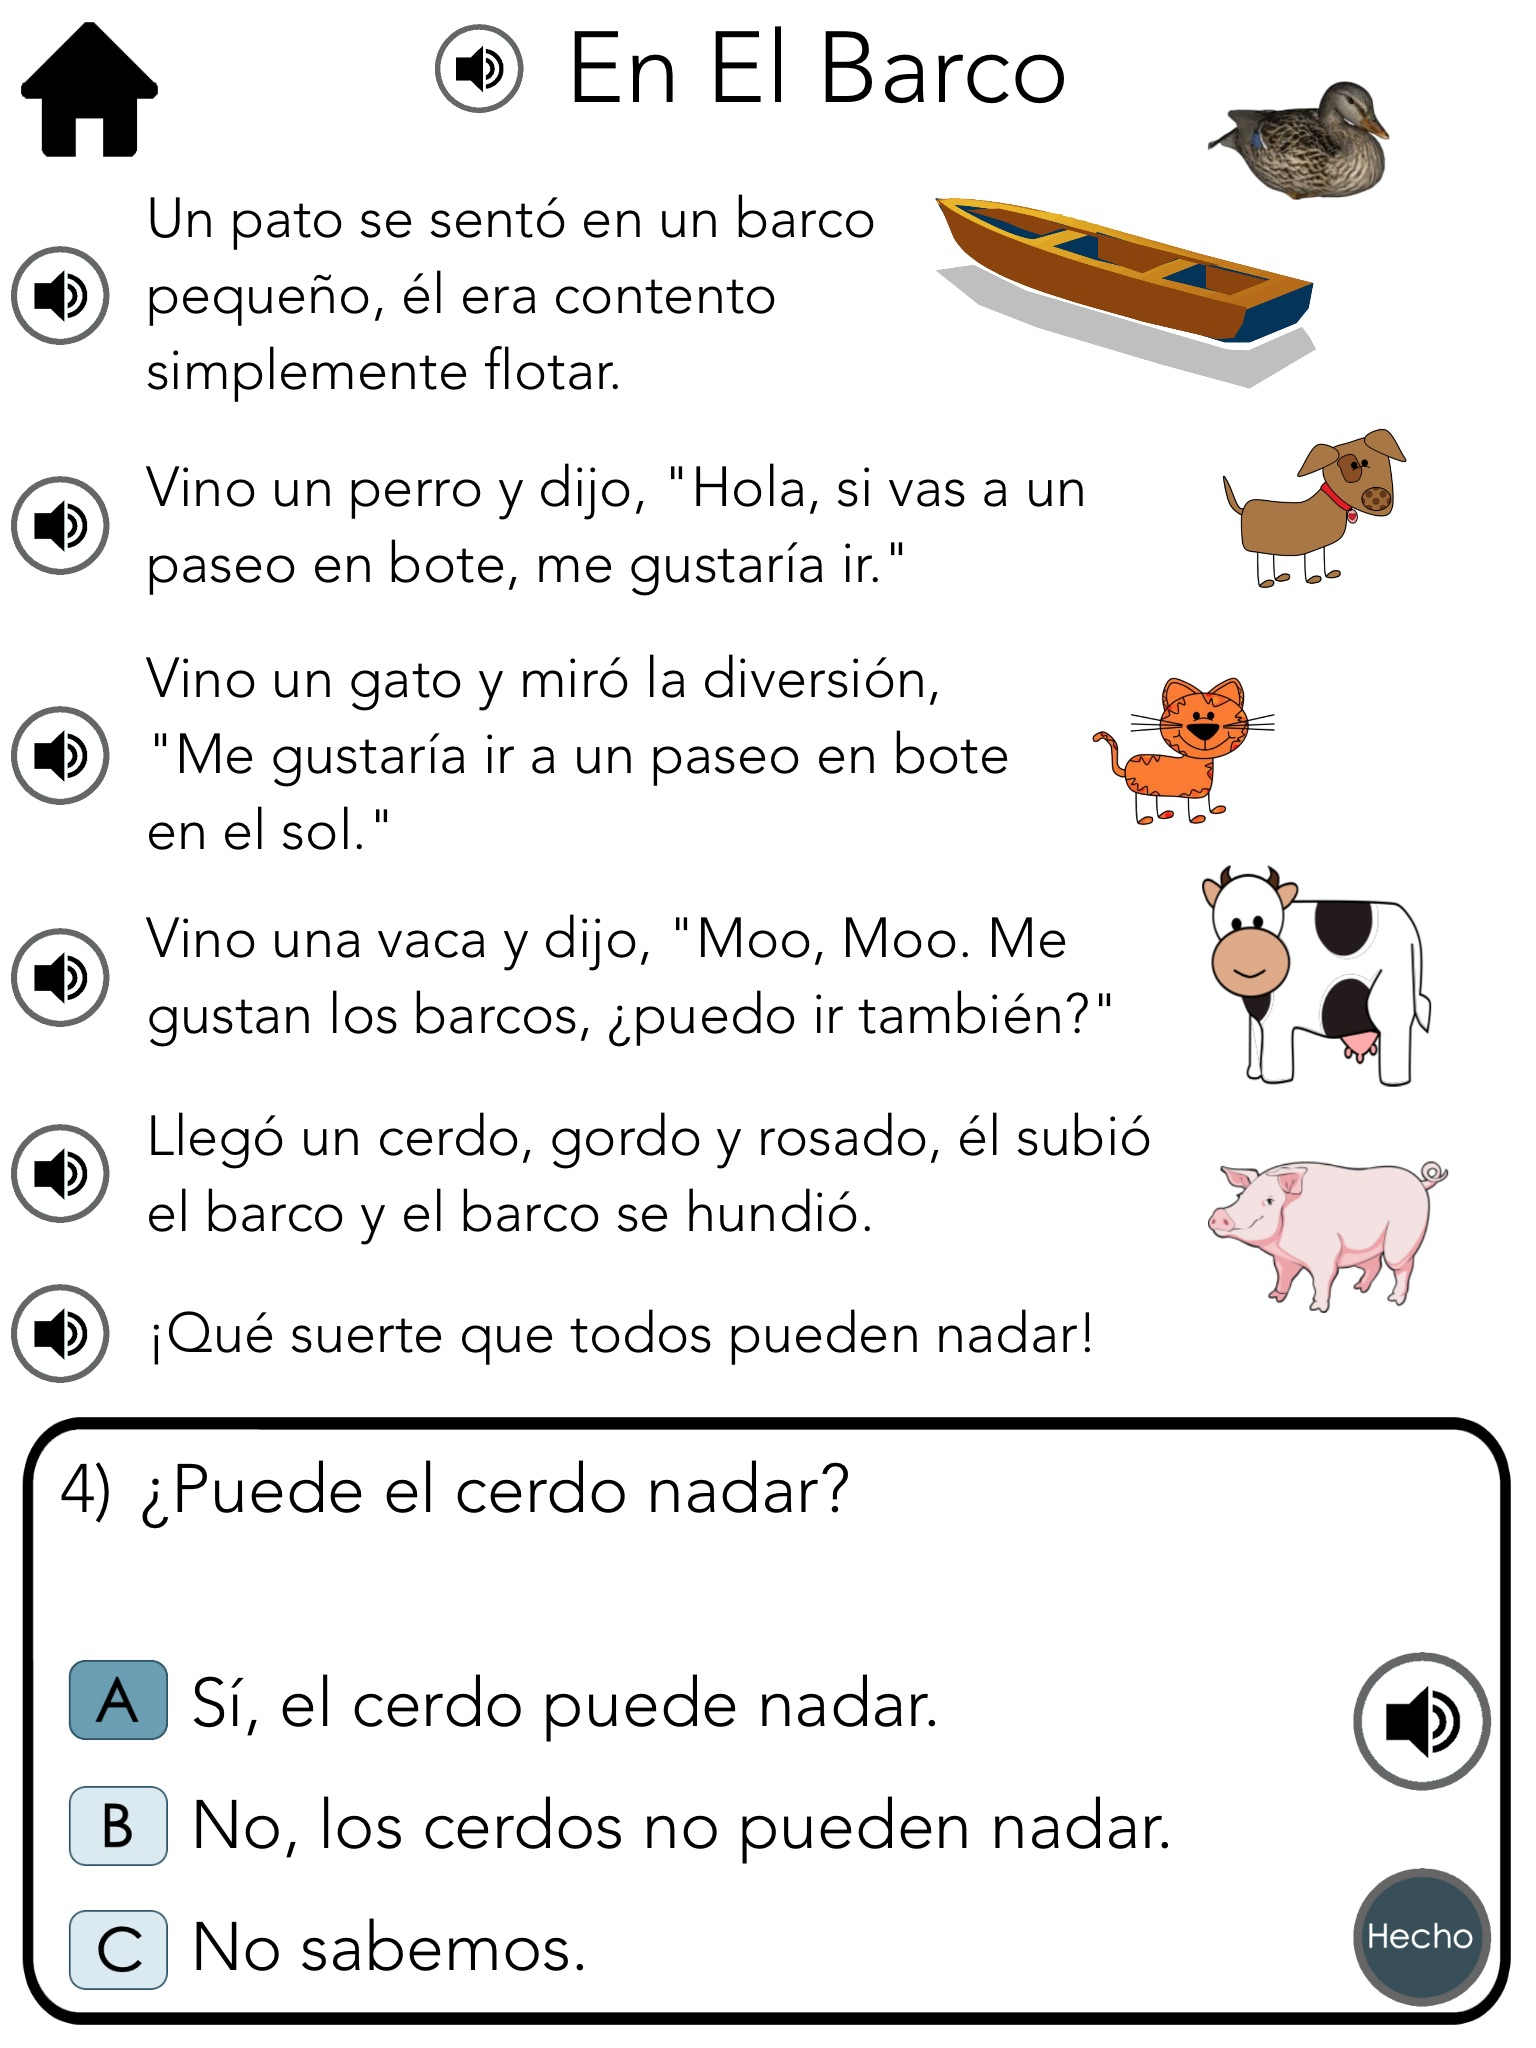 Worksheet. Level 5 Reading Comprehension. Wosenly Free Worksheet